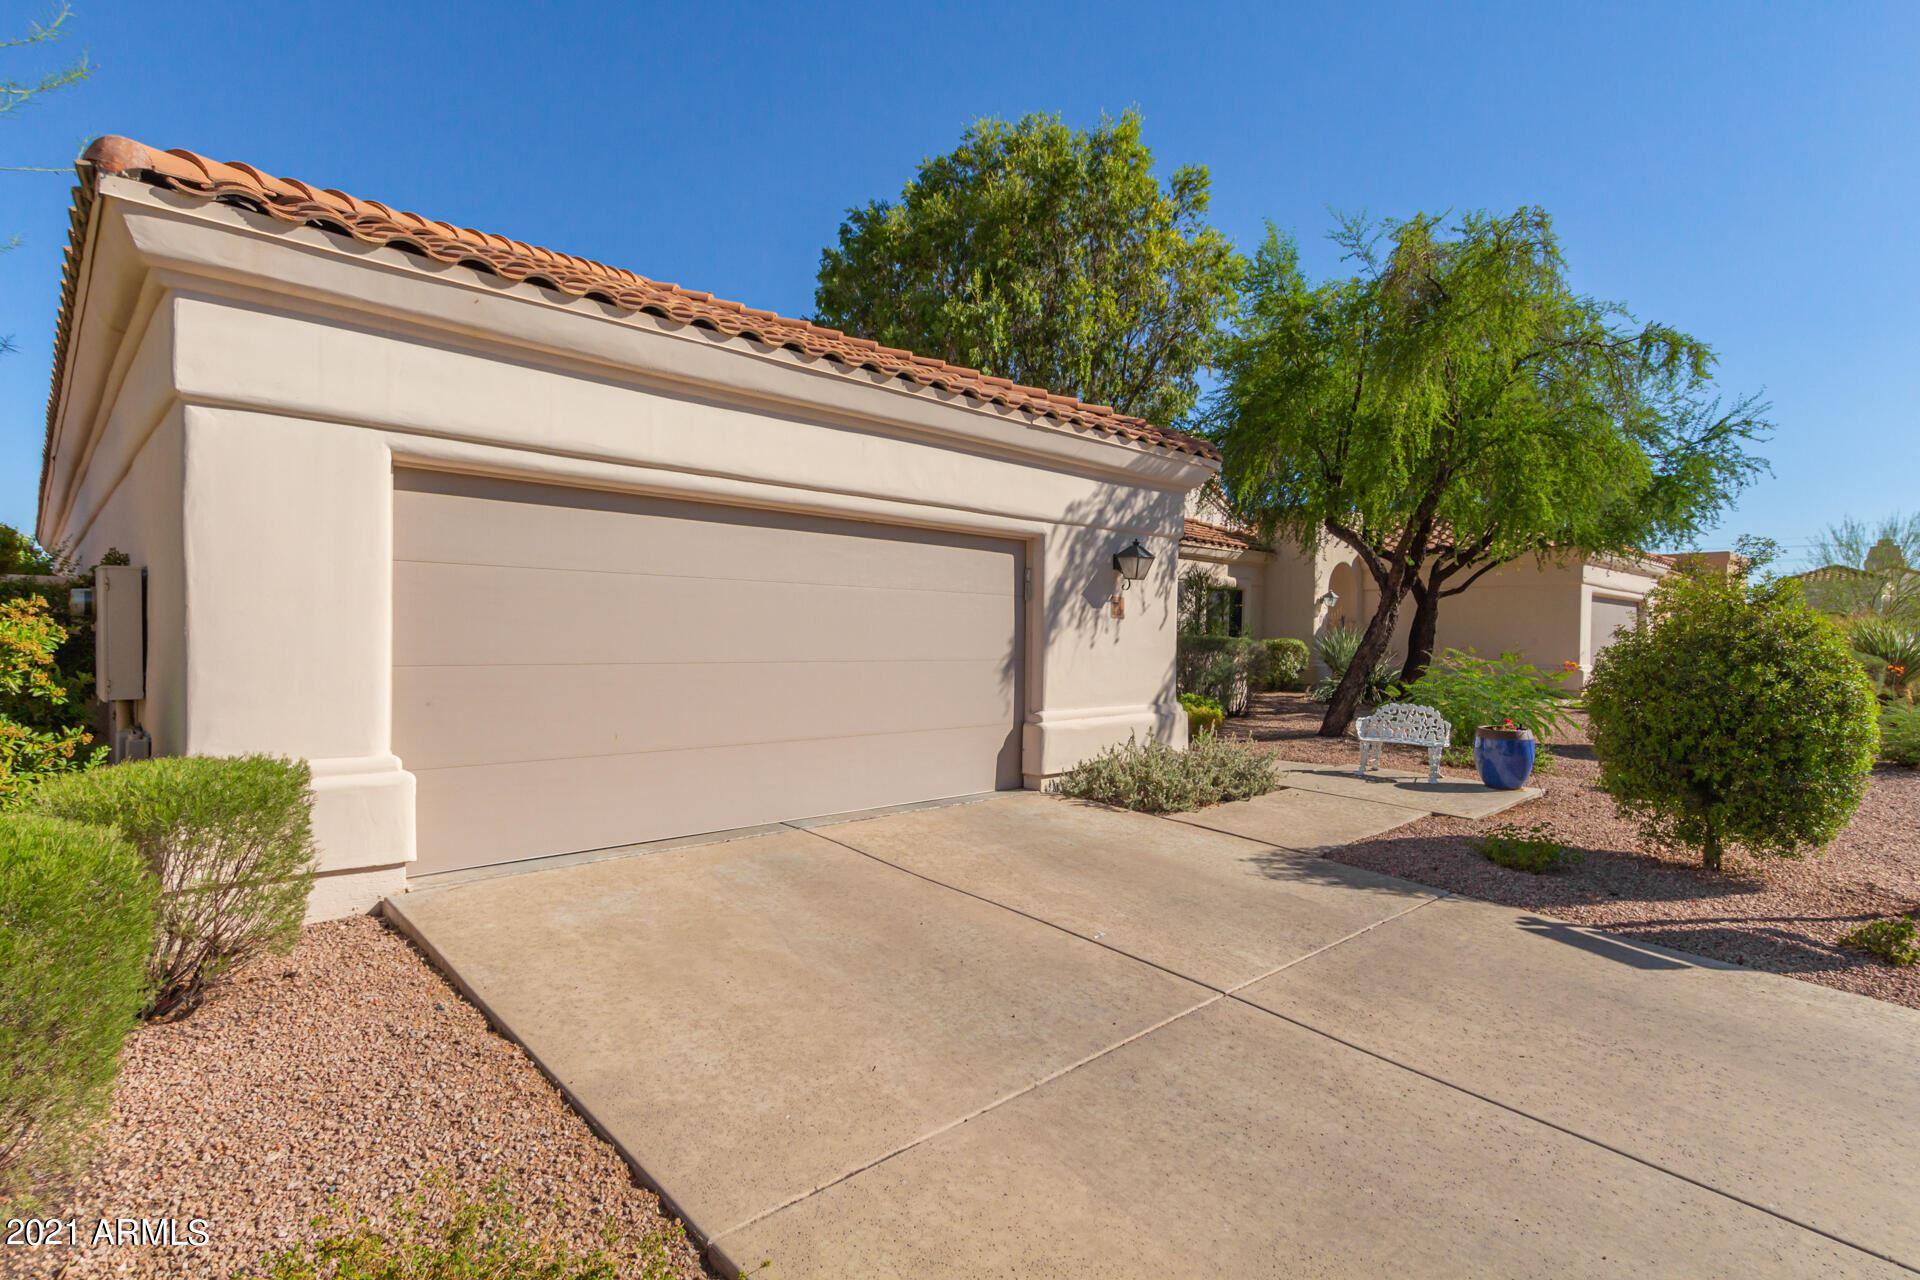 Photo of 16827 E PINTAIL Court, Fountain Hills, AZ 85268 (MLS # 6272322)